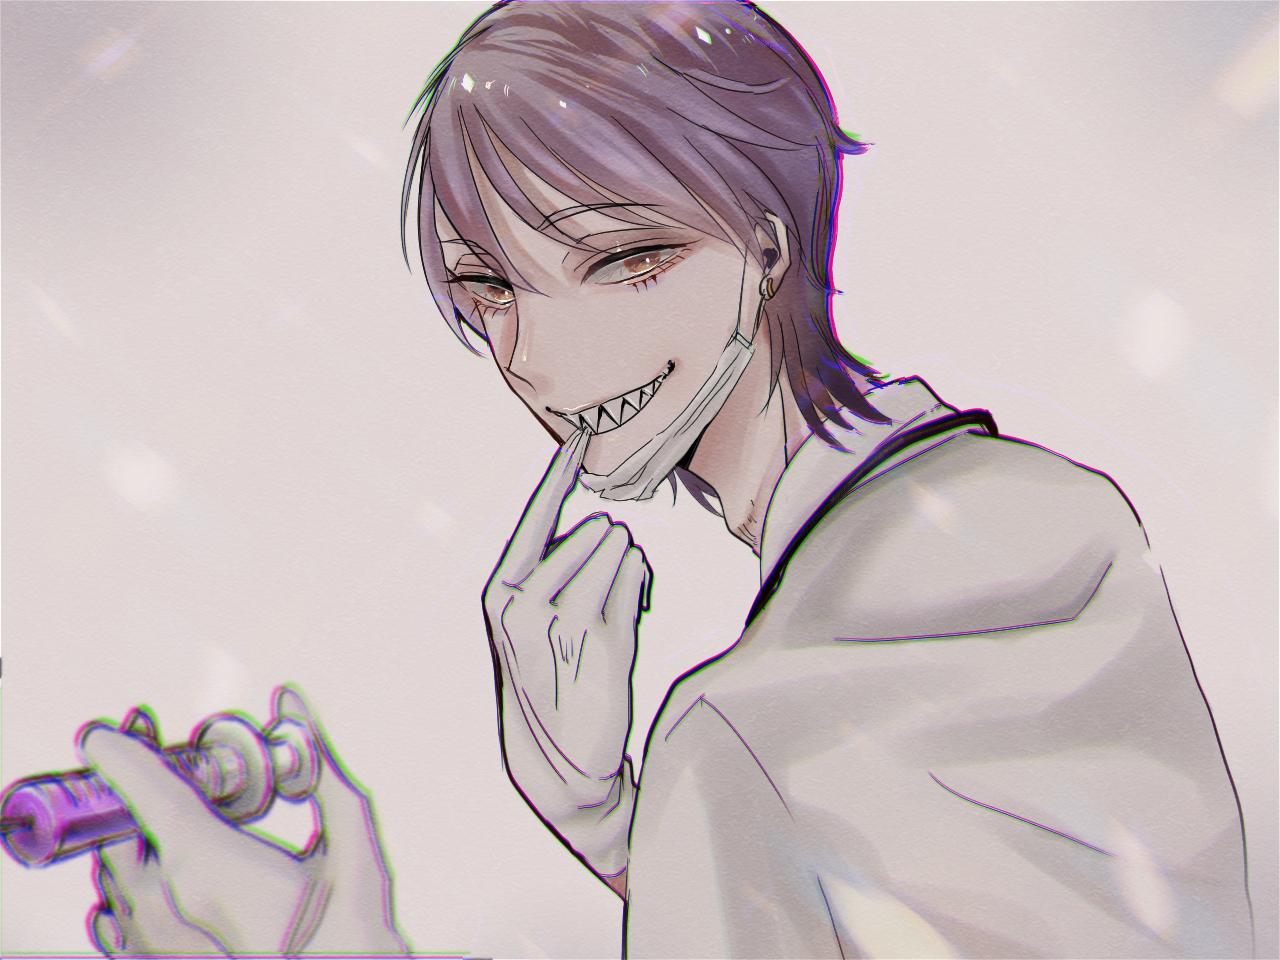 mad Dr. Illust of なん氏 digital 医者 注射器 白衣 boy illustration デジタルイラスト ギザ歯